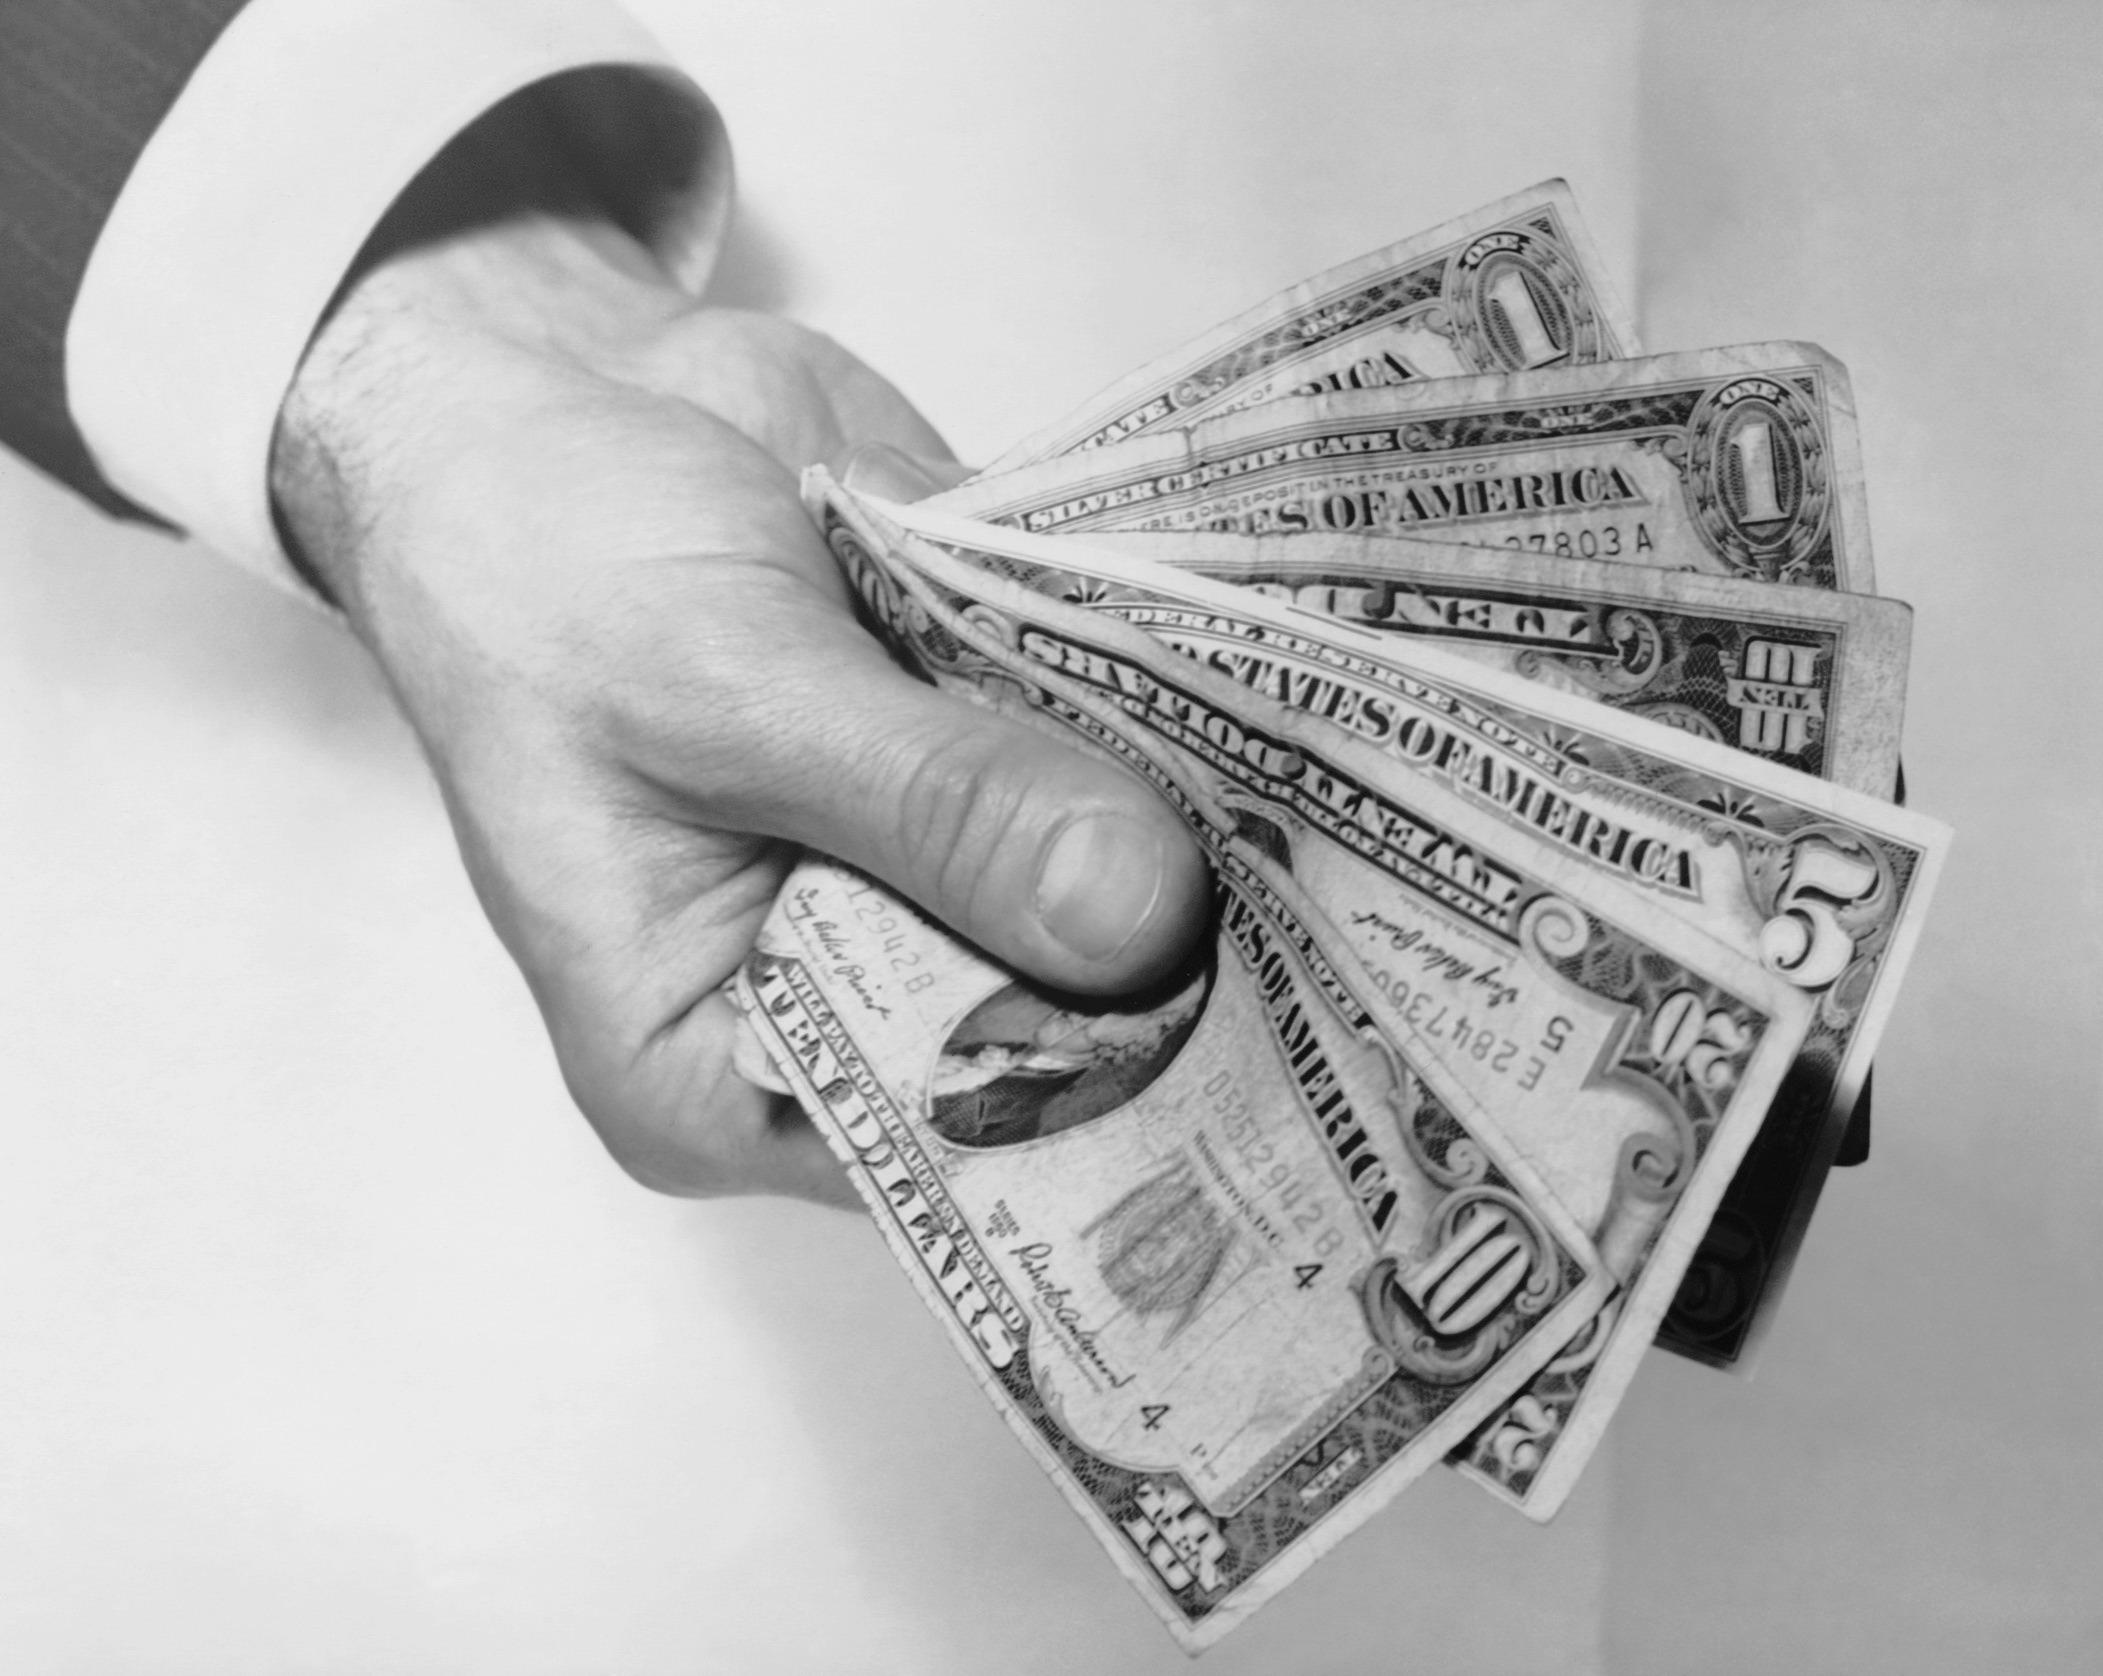 Проститутка как зарабатывает деньги 7 фотография